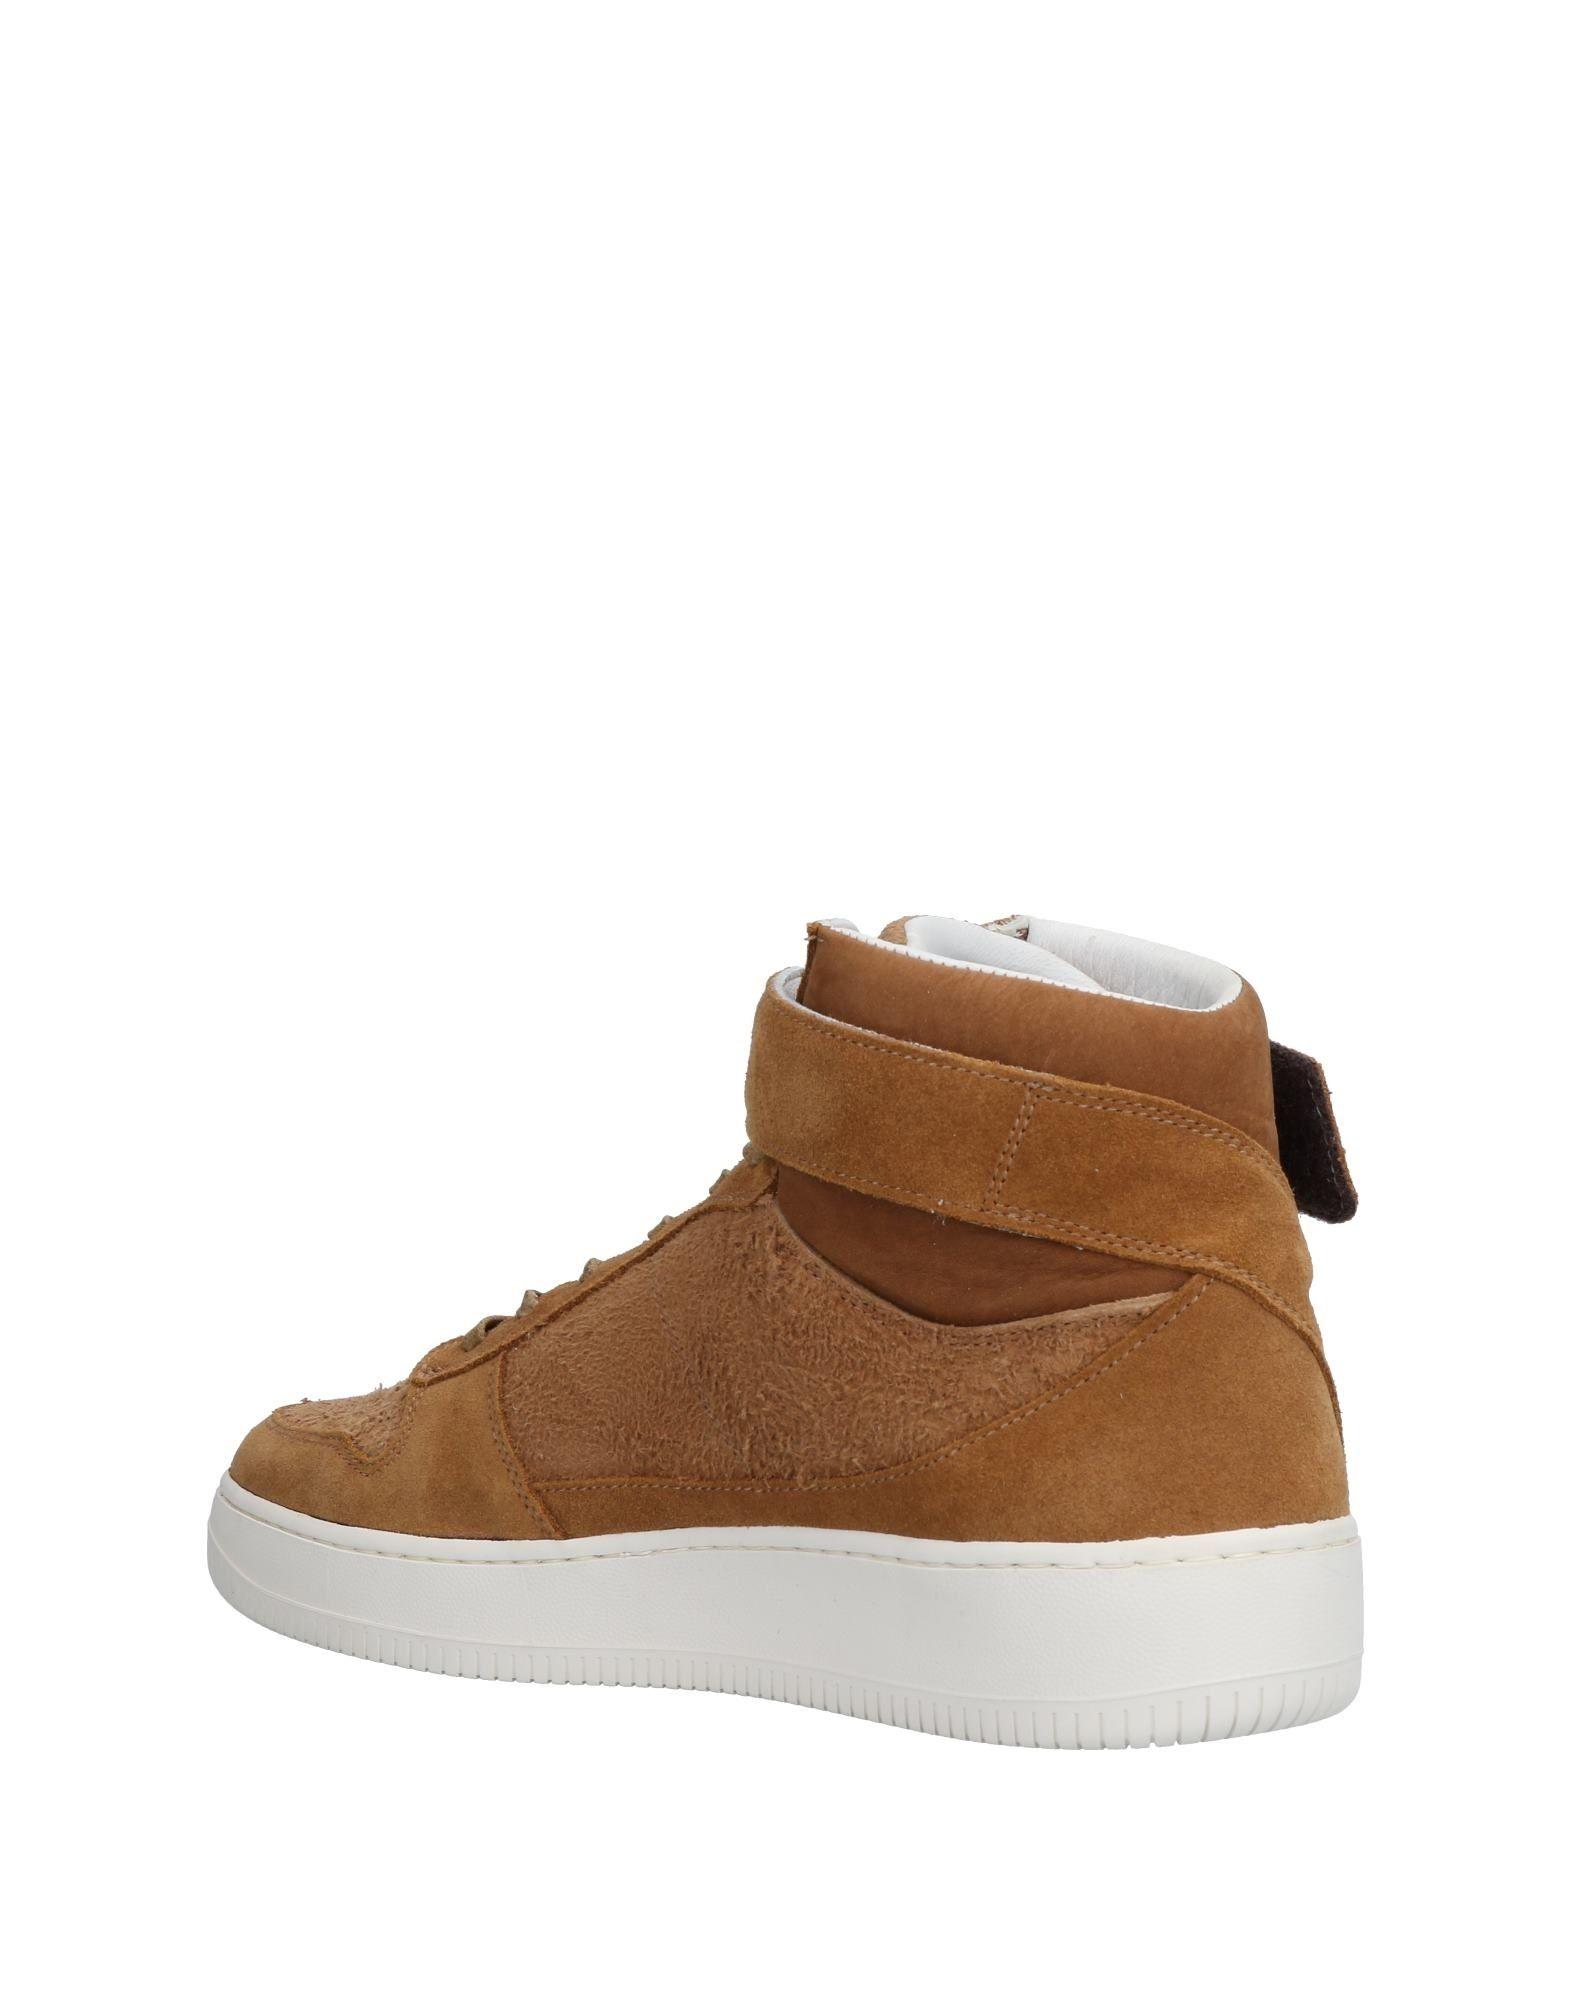 Diemme Sneakers Herren  Schuhe 11507399UF Gute Qualität beliebte Schuhe  da8537